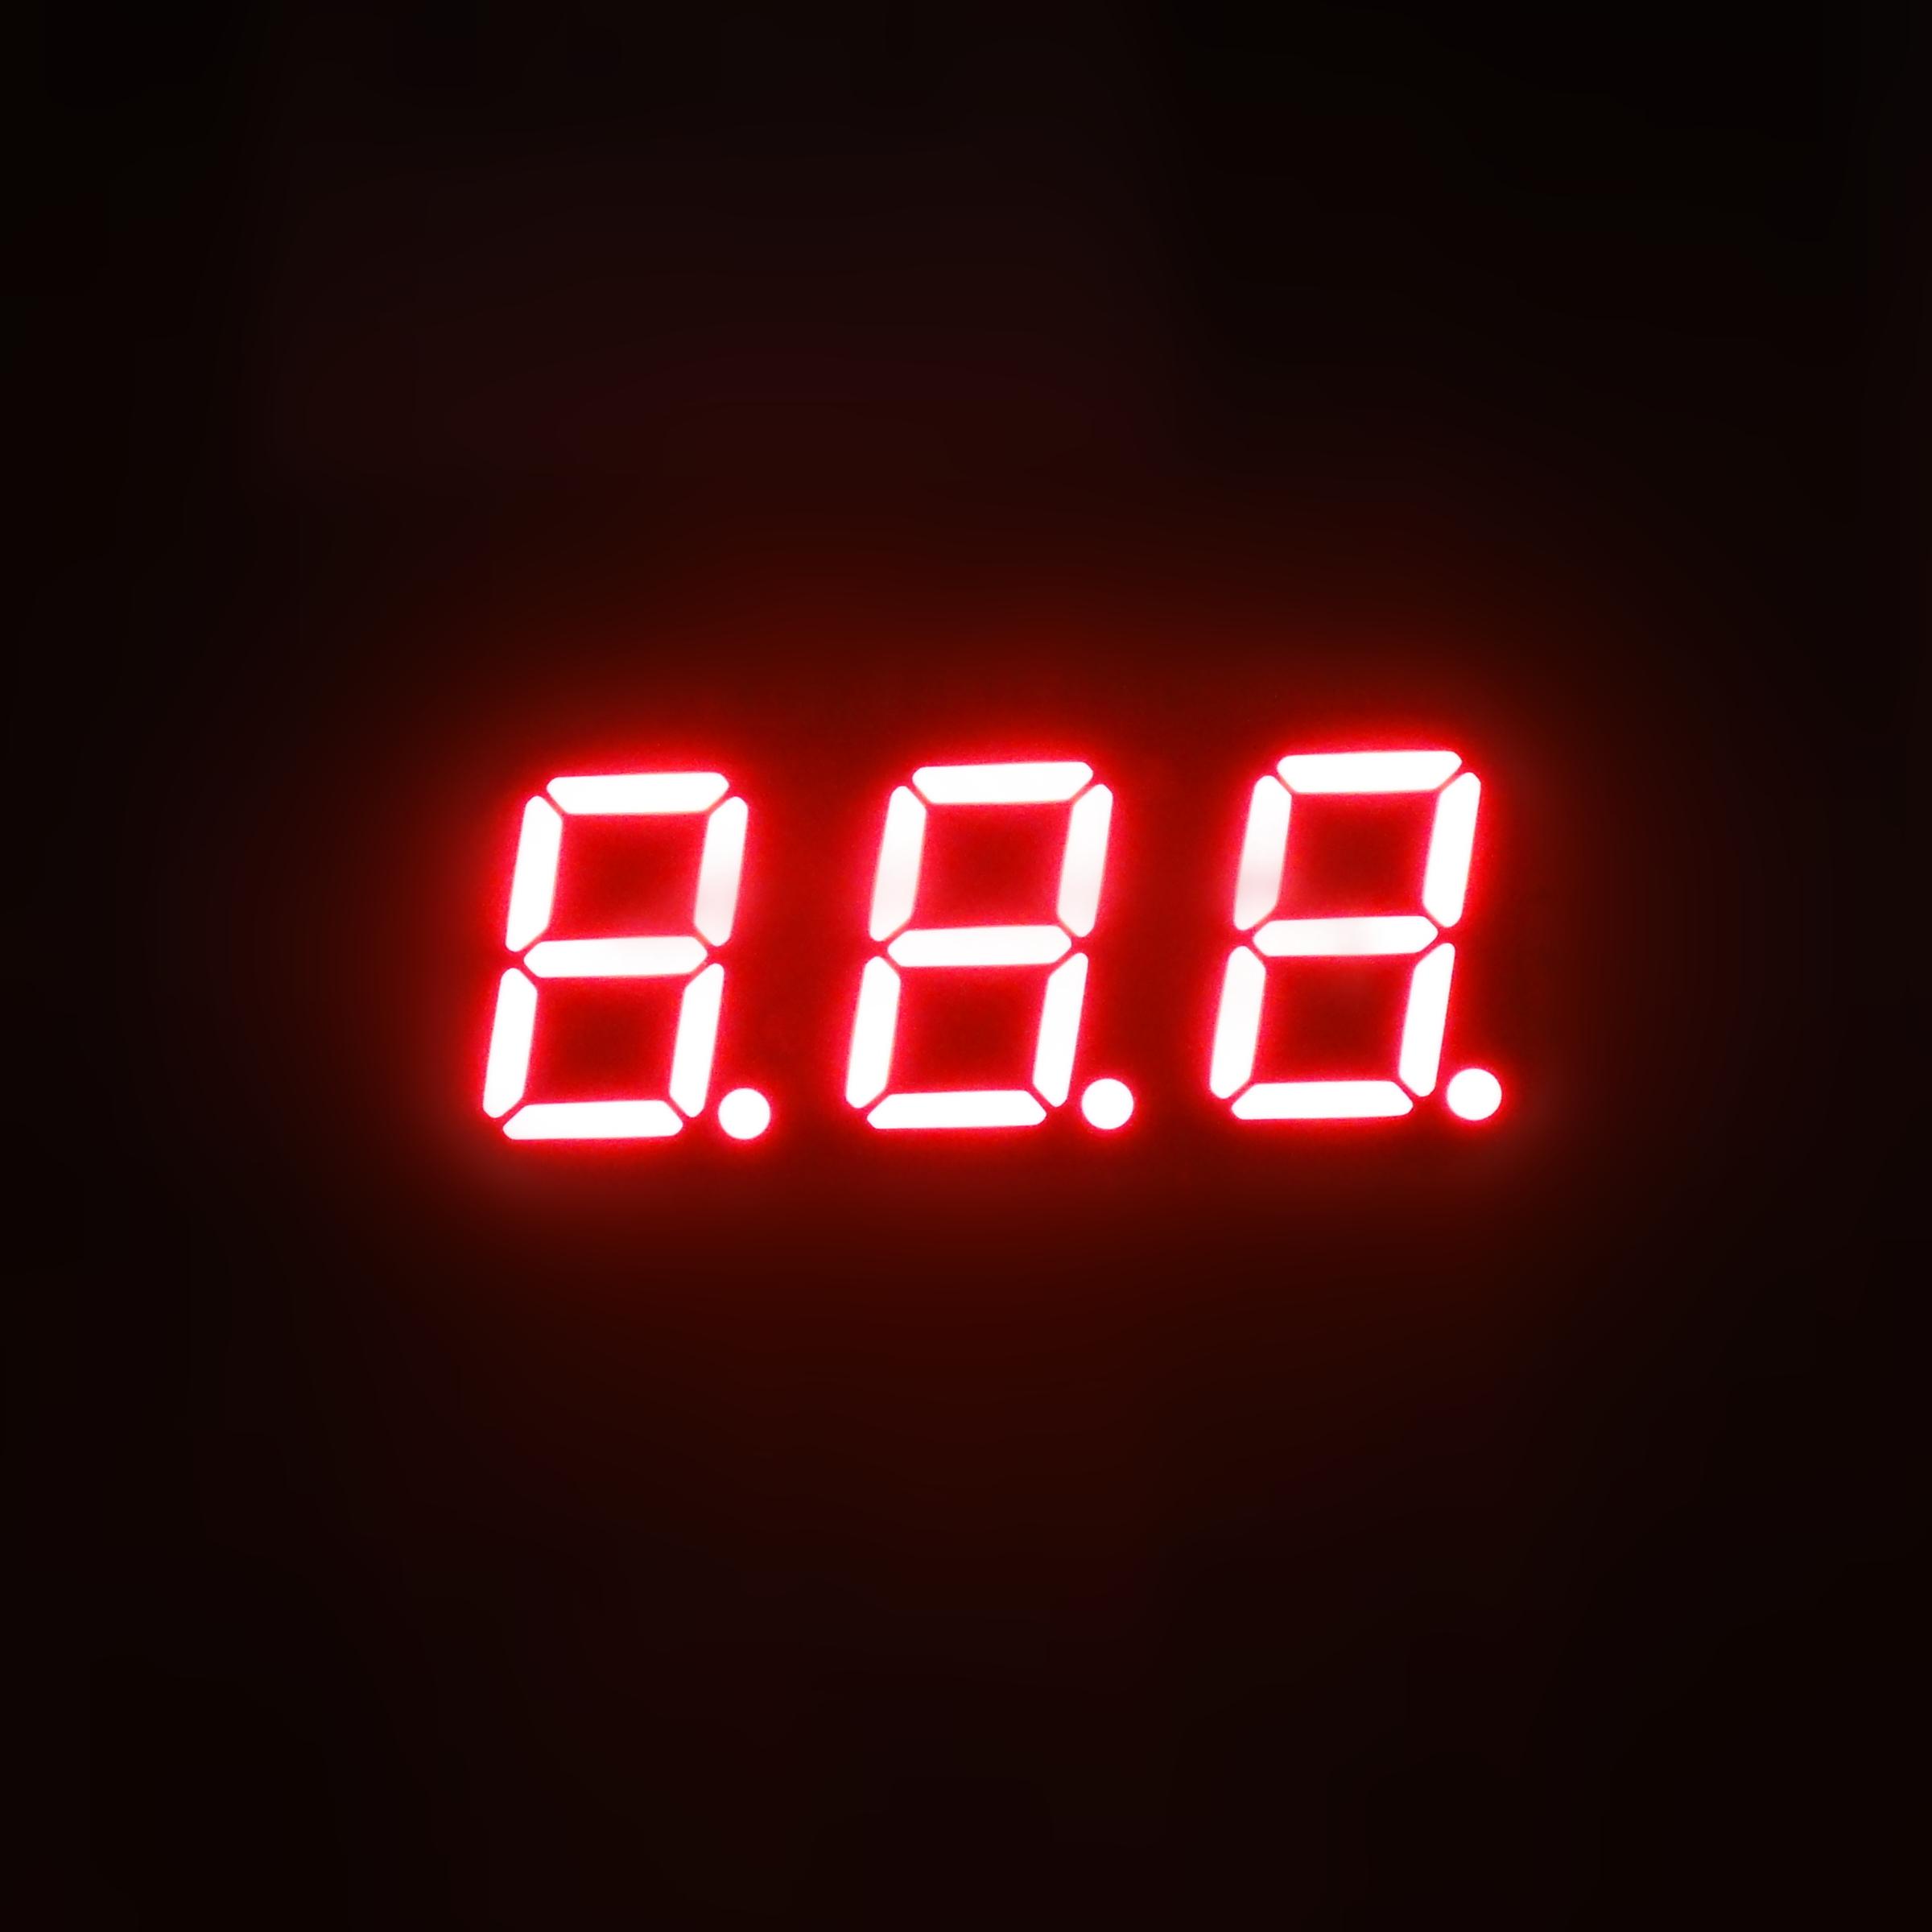 Kaufen China Hersteller 0,39 Zoll Triple Digit 7 Segment SMD LED Display 3 Digit;China Hersteller 0,39 Zoll Triple Digit 7 Segment SMD LED Display 3 Digit Preis;China Hersteller 0,39 Zoll Triple Digit 7 Segment SMD LED Display 3 Digit Marken;China Hersteller 0,39 Zoll Triple Digit 7 Segment SMD LED Display 3 Digit Hersteller;China Hersteller 0,39 Zoll Triple Digit 7 Segment SMD LED Display 3 Digit Zitat;China Hersteller 0,39 Zoll Triple Digit 7 Segment SMD LED Display 3 Digit Unternehmen